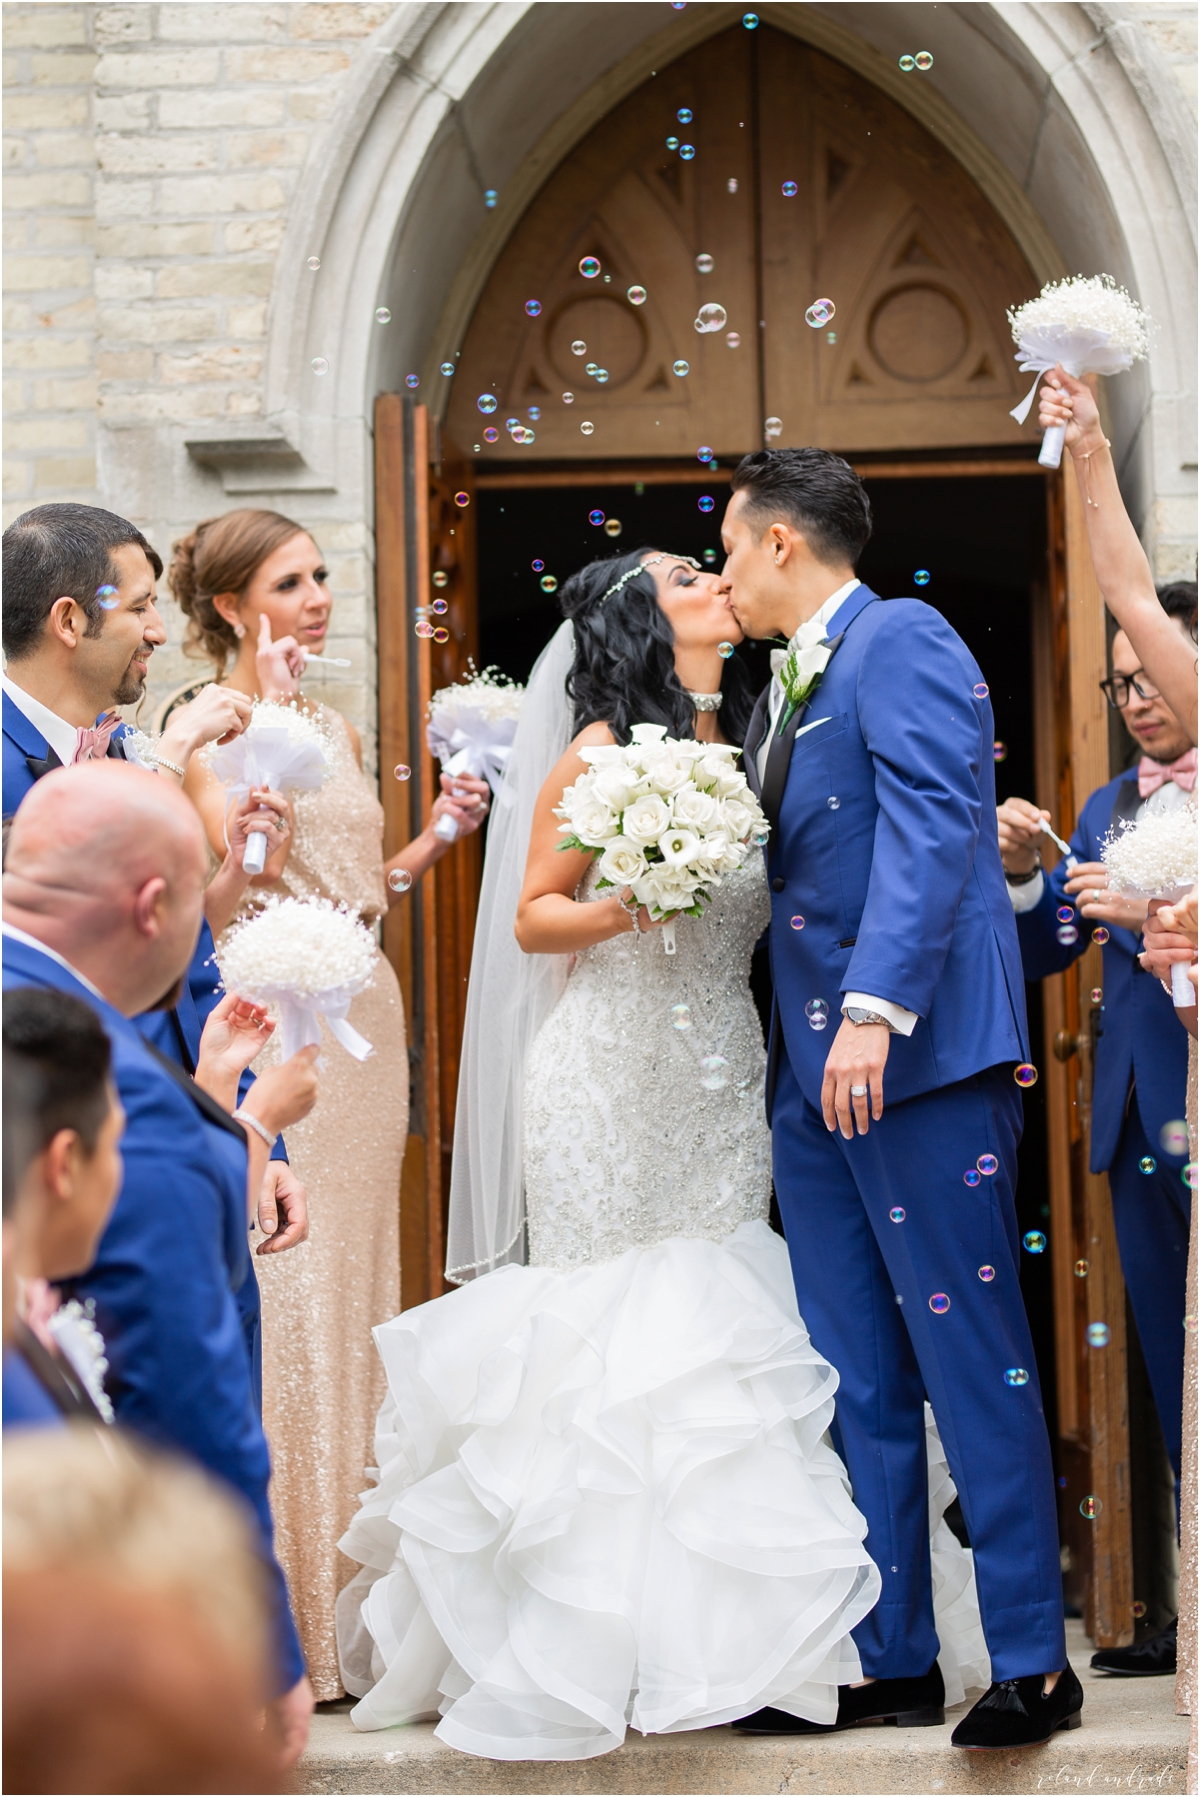 Italian American Society Wedding in Kenosha Wisconsin, Kenosha Wisconsin Wedding Photographer, Chicago Wedding Photography Kenosha Mexican Italian Wedding_0028.jpg